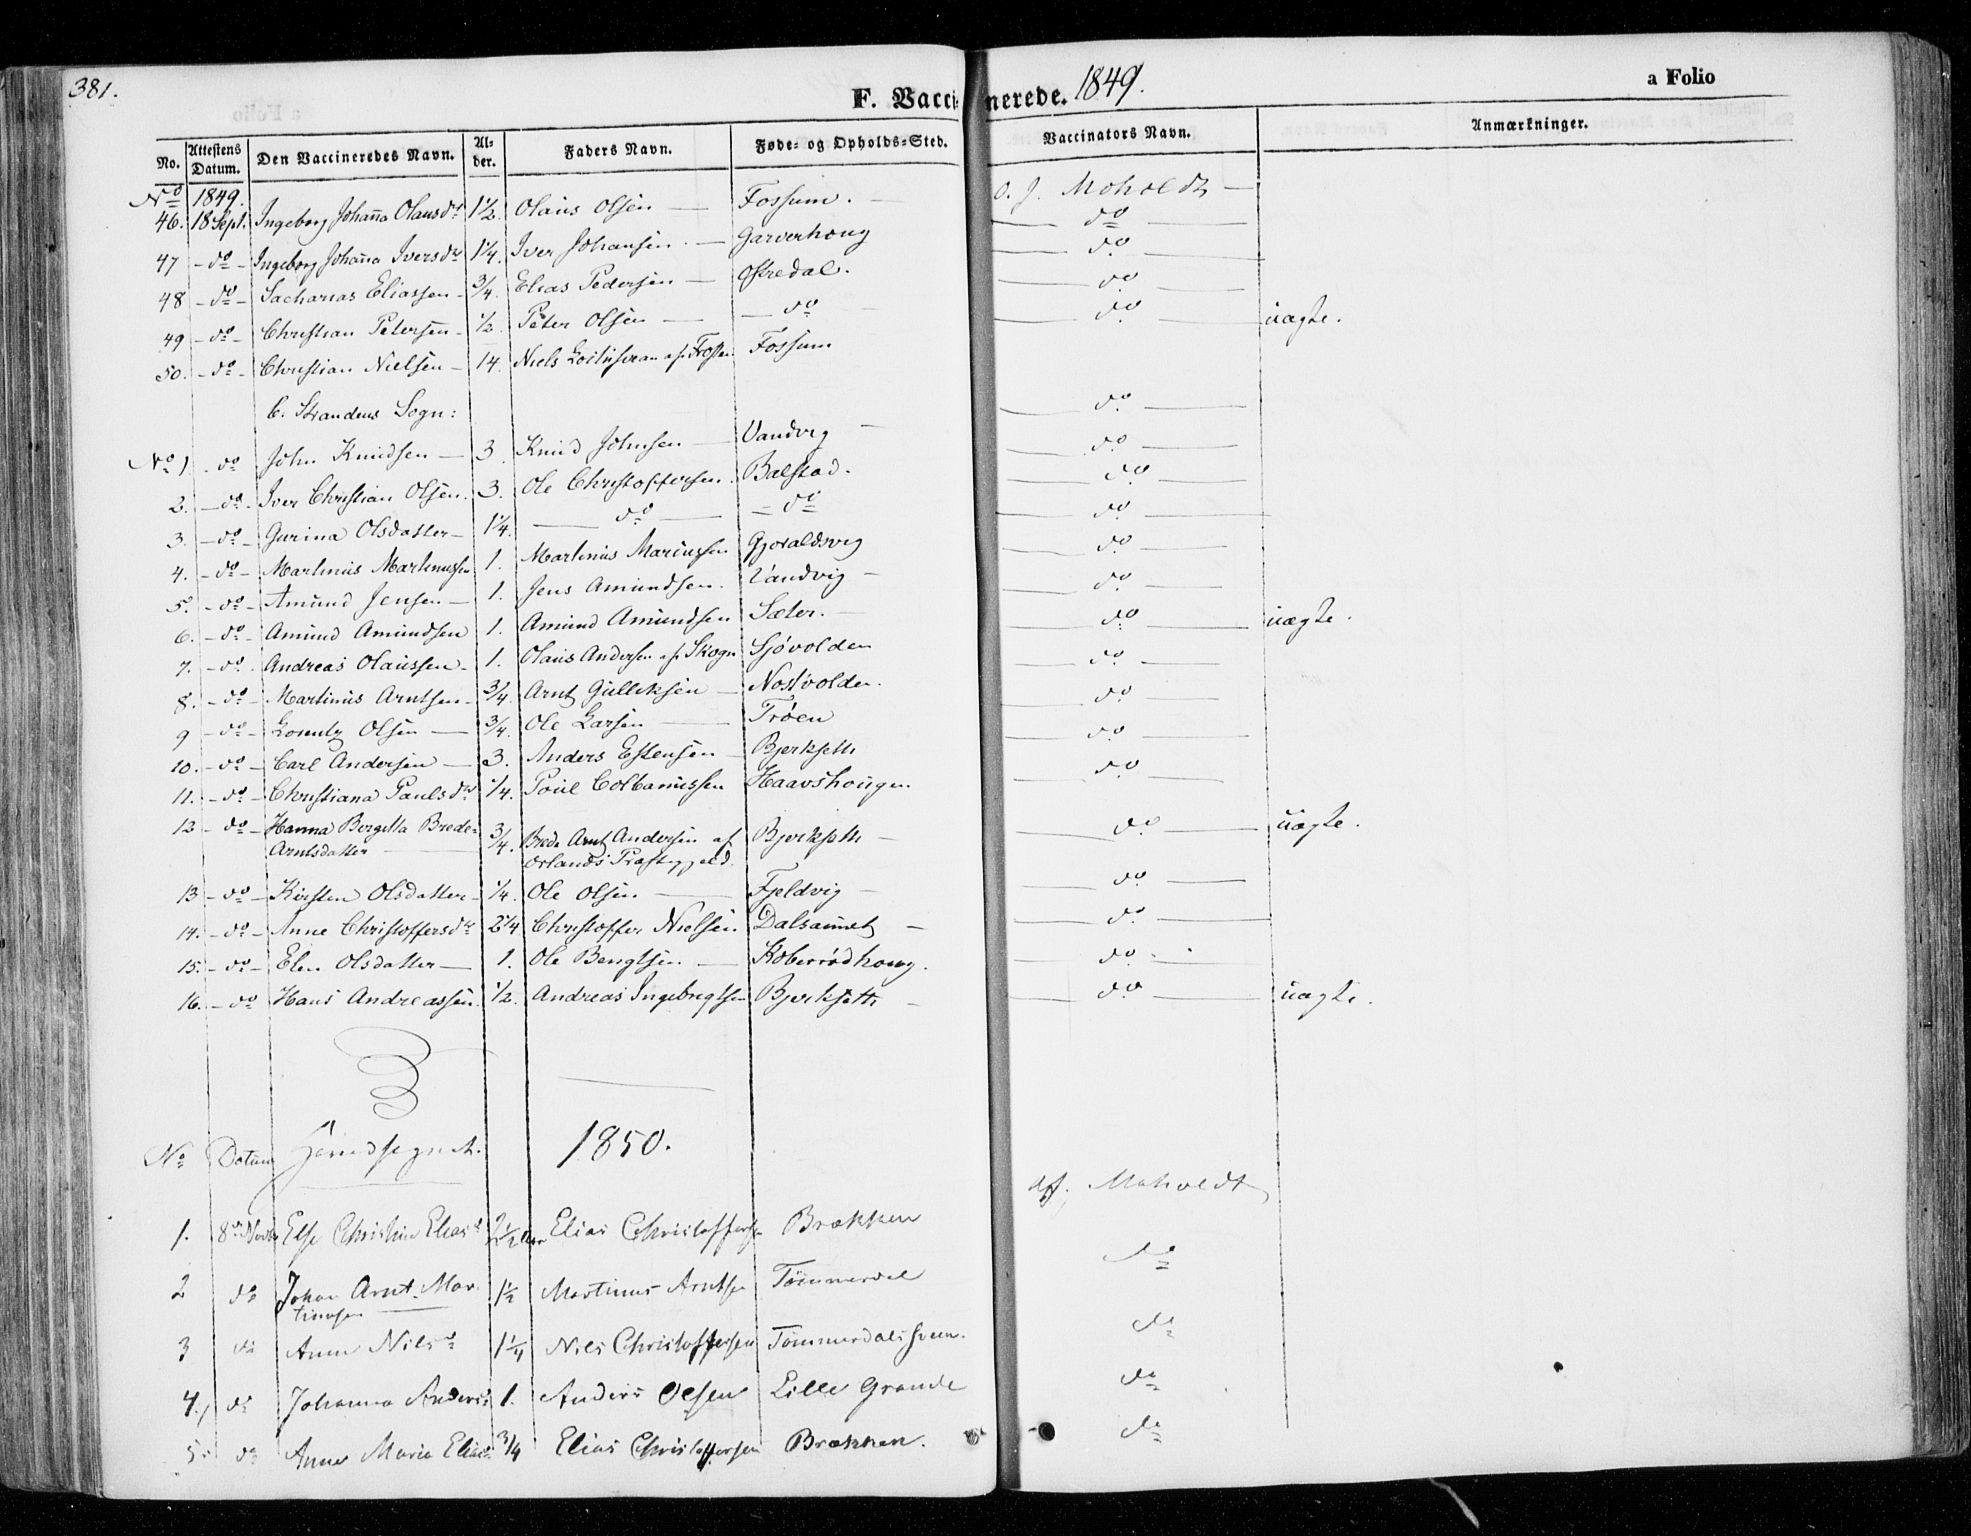 SAT, Ministerialprotokoller, klokkerbøker og fødselsregistre - Nord-Trøndelag, 701/L0007: Parish register (official) no. 701A07 /1, 1842-1854, p. 381